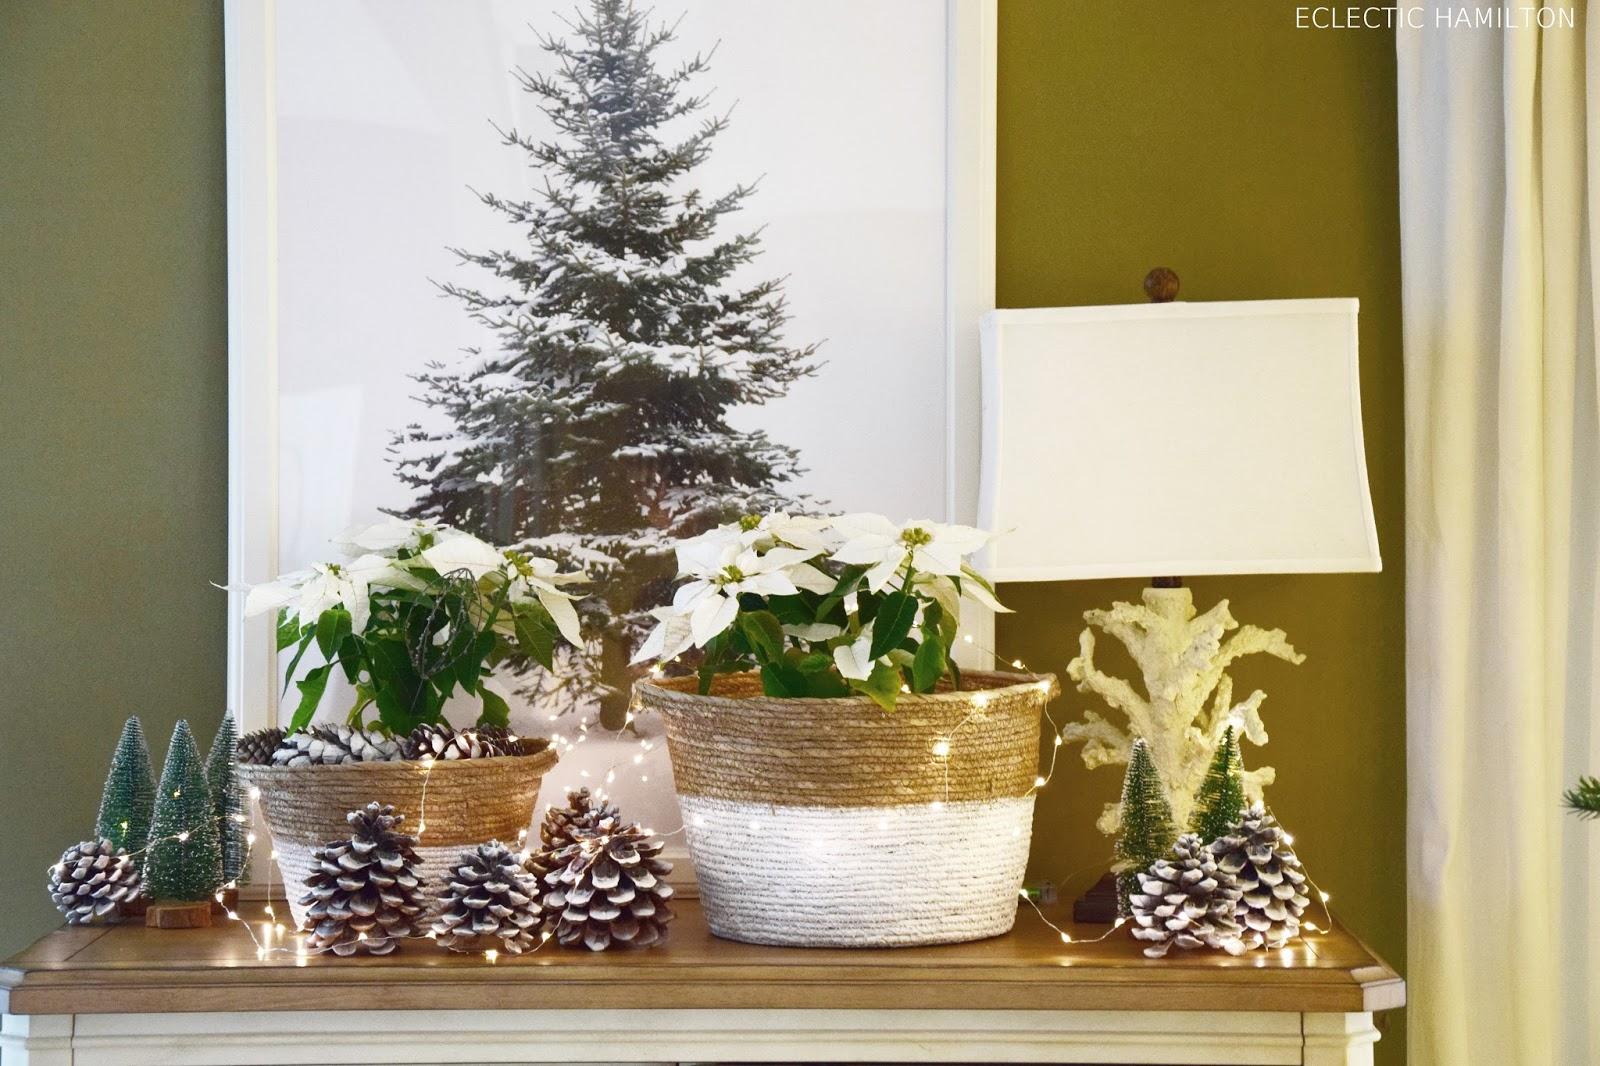 Weihnachtsdeko mit Weihnachtsstern, Pinienzapfen, Lichterkette auf Sideboard, Fernsterbank, Konsole oder Tisch. Deko Dekoration Dekoidee